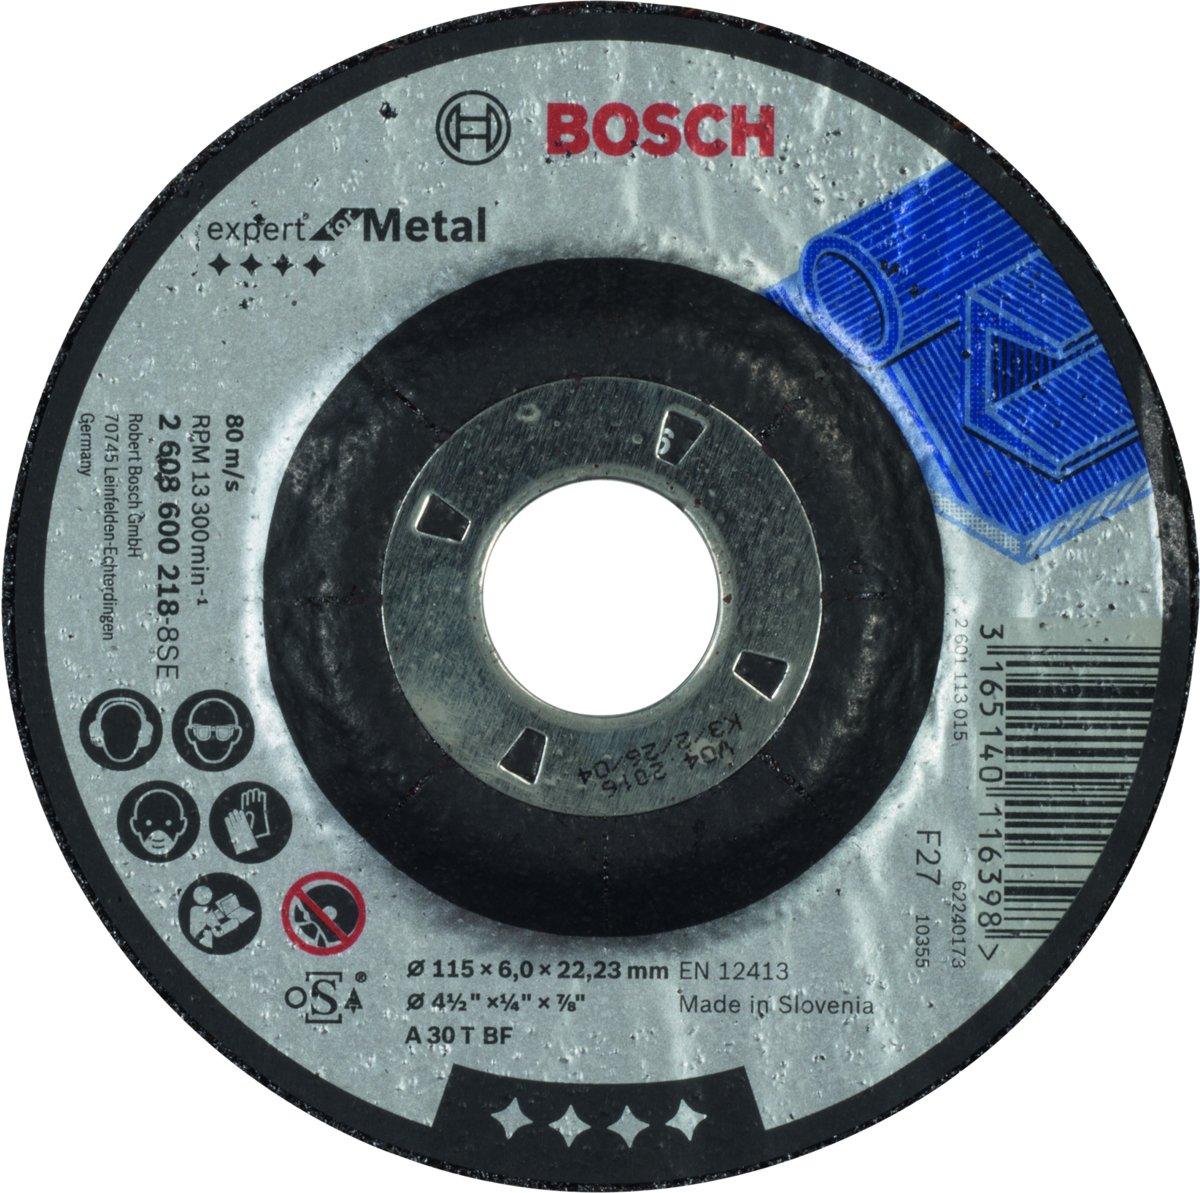 Bosch - Afbraamschijf gebogen Expert for Metal A 30 T BF, 115 mm, 22,23 mm, 6,0 mm kopen